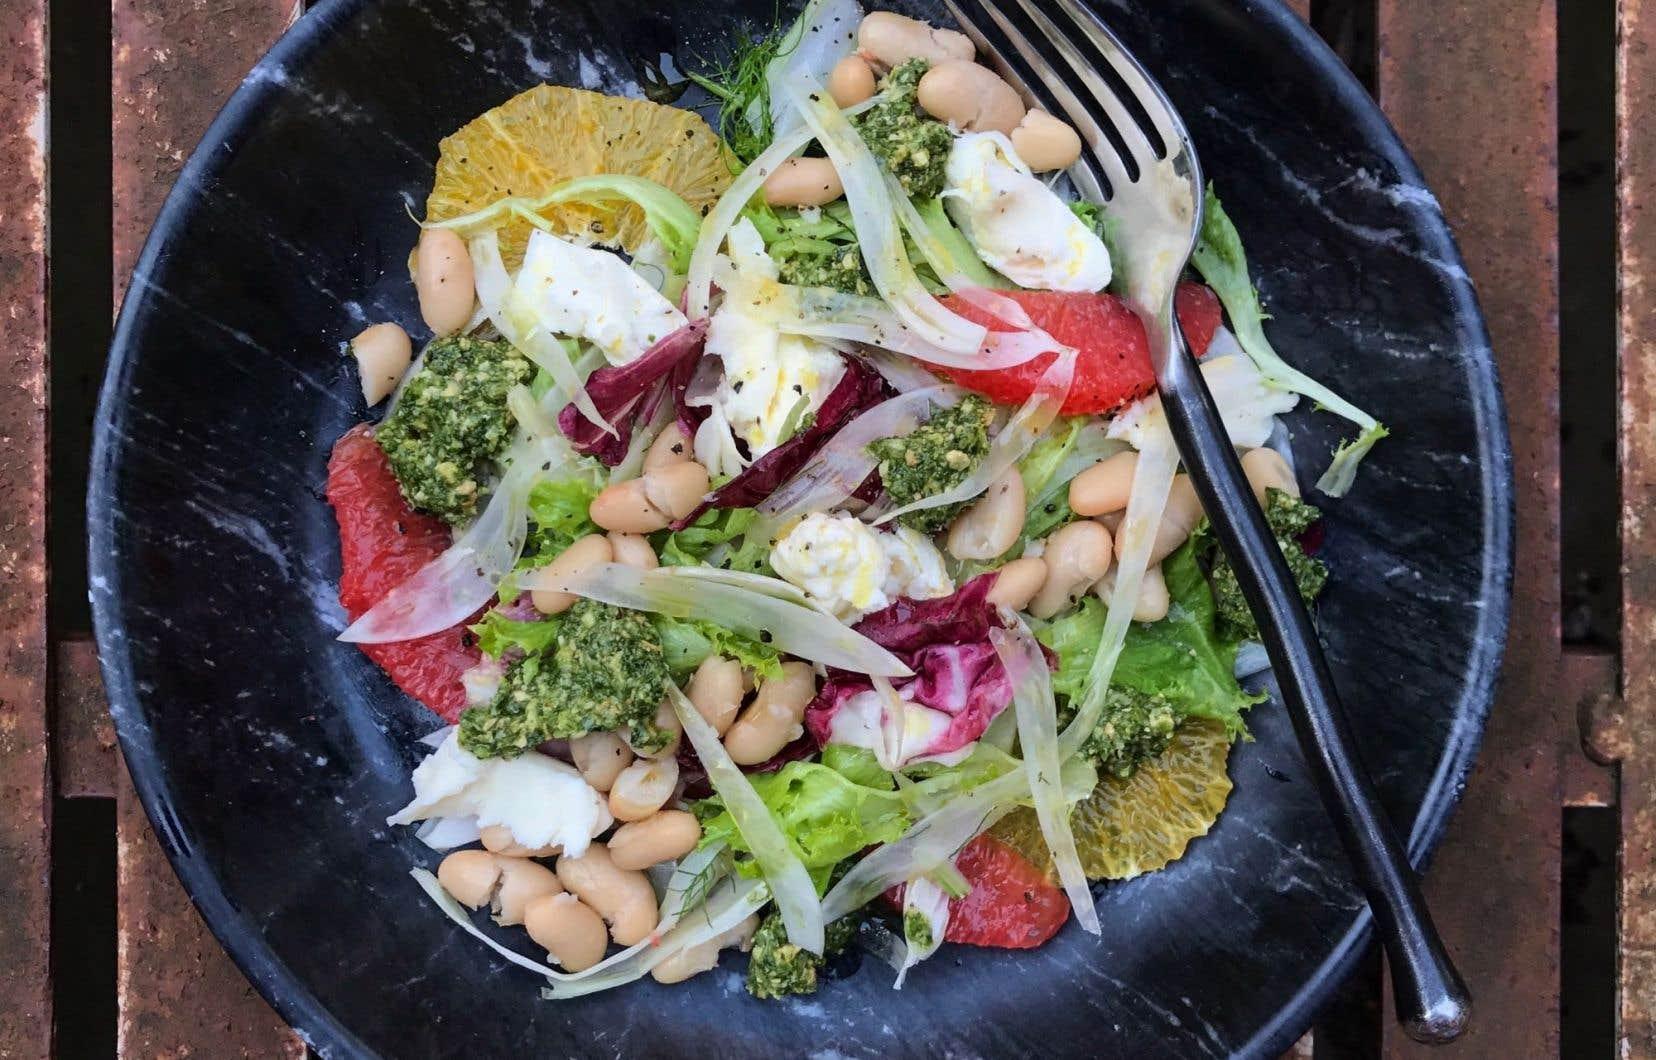 La recette de salade de fenouil, agrumes et buratta de Michael Tozzi